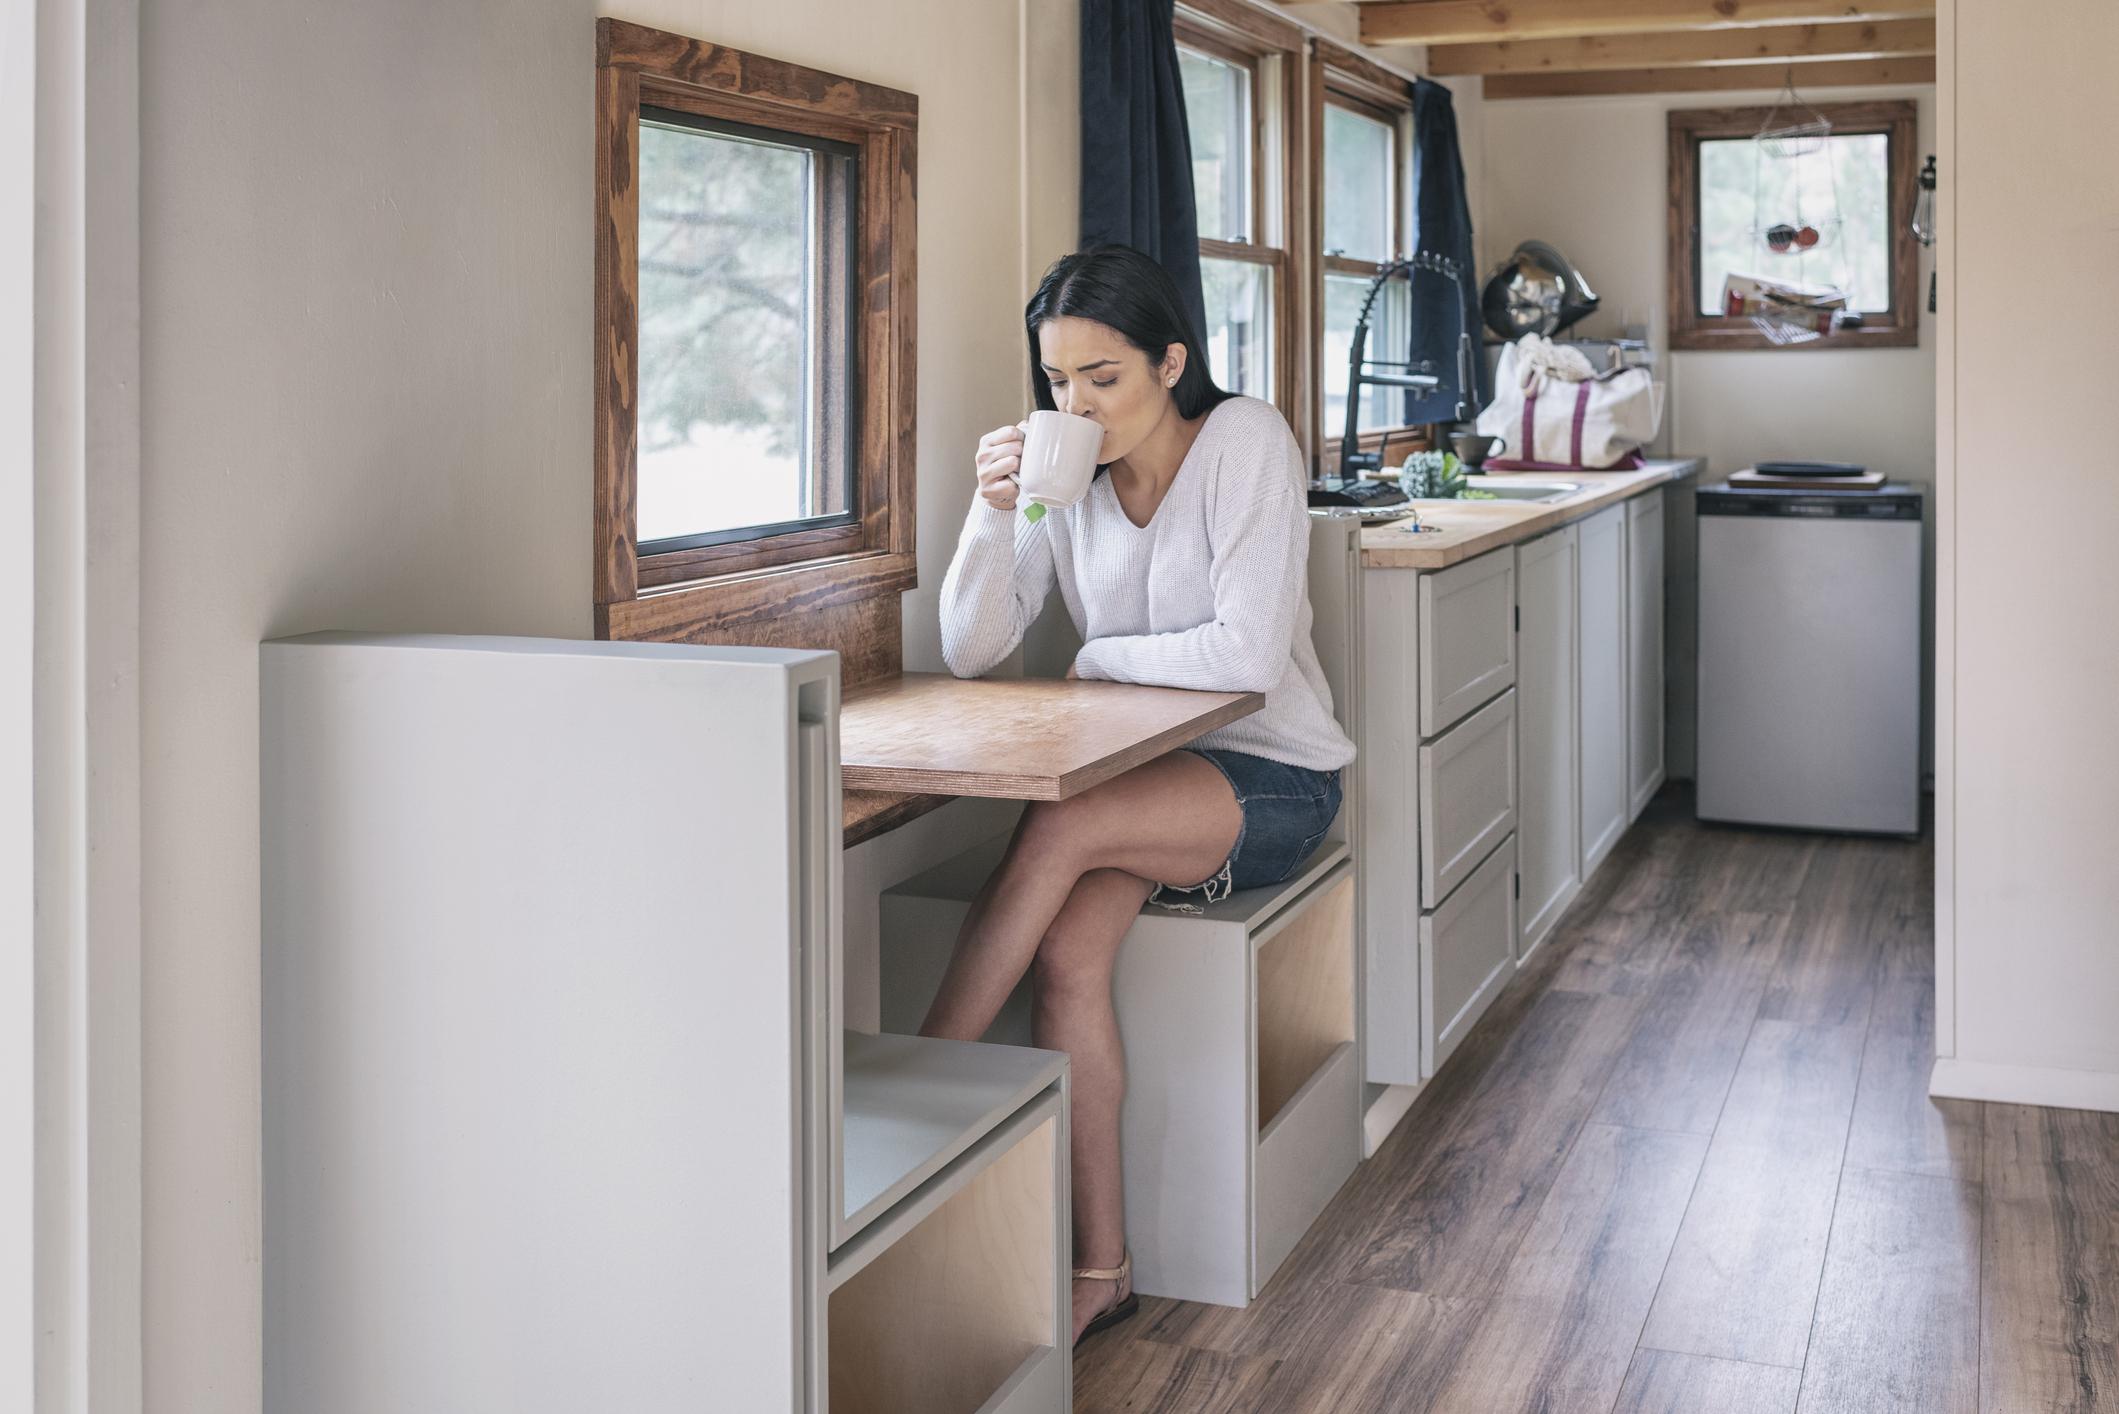 8 Inspirasi Desain Dapur Mungil Ini Bikin Rumah Kecil Jadi Gak Membosankan Rumah123 Com